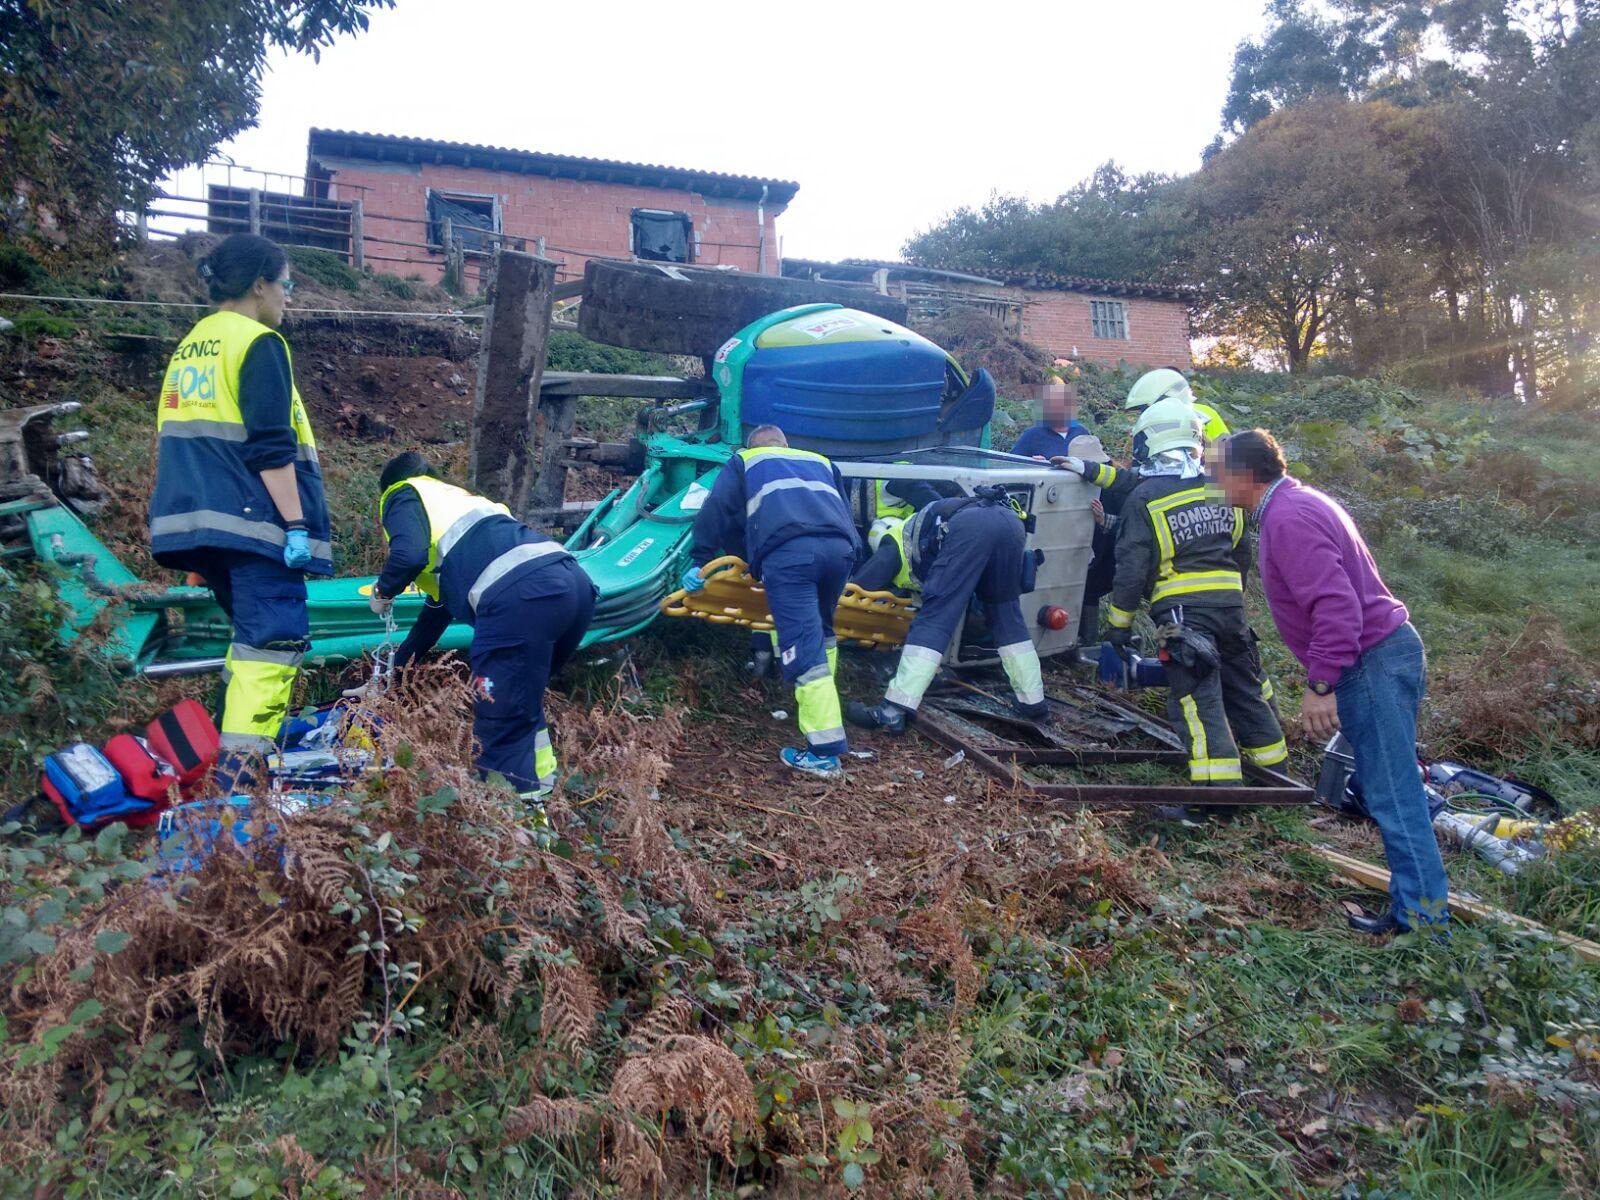 Bomberos del 112 liberan a un hombre que quedó atrapado tras volcar una excavadora